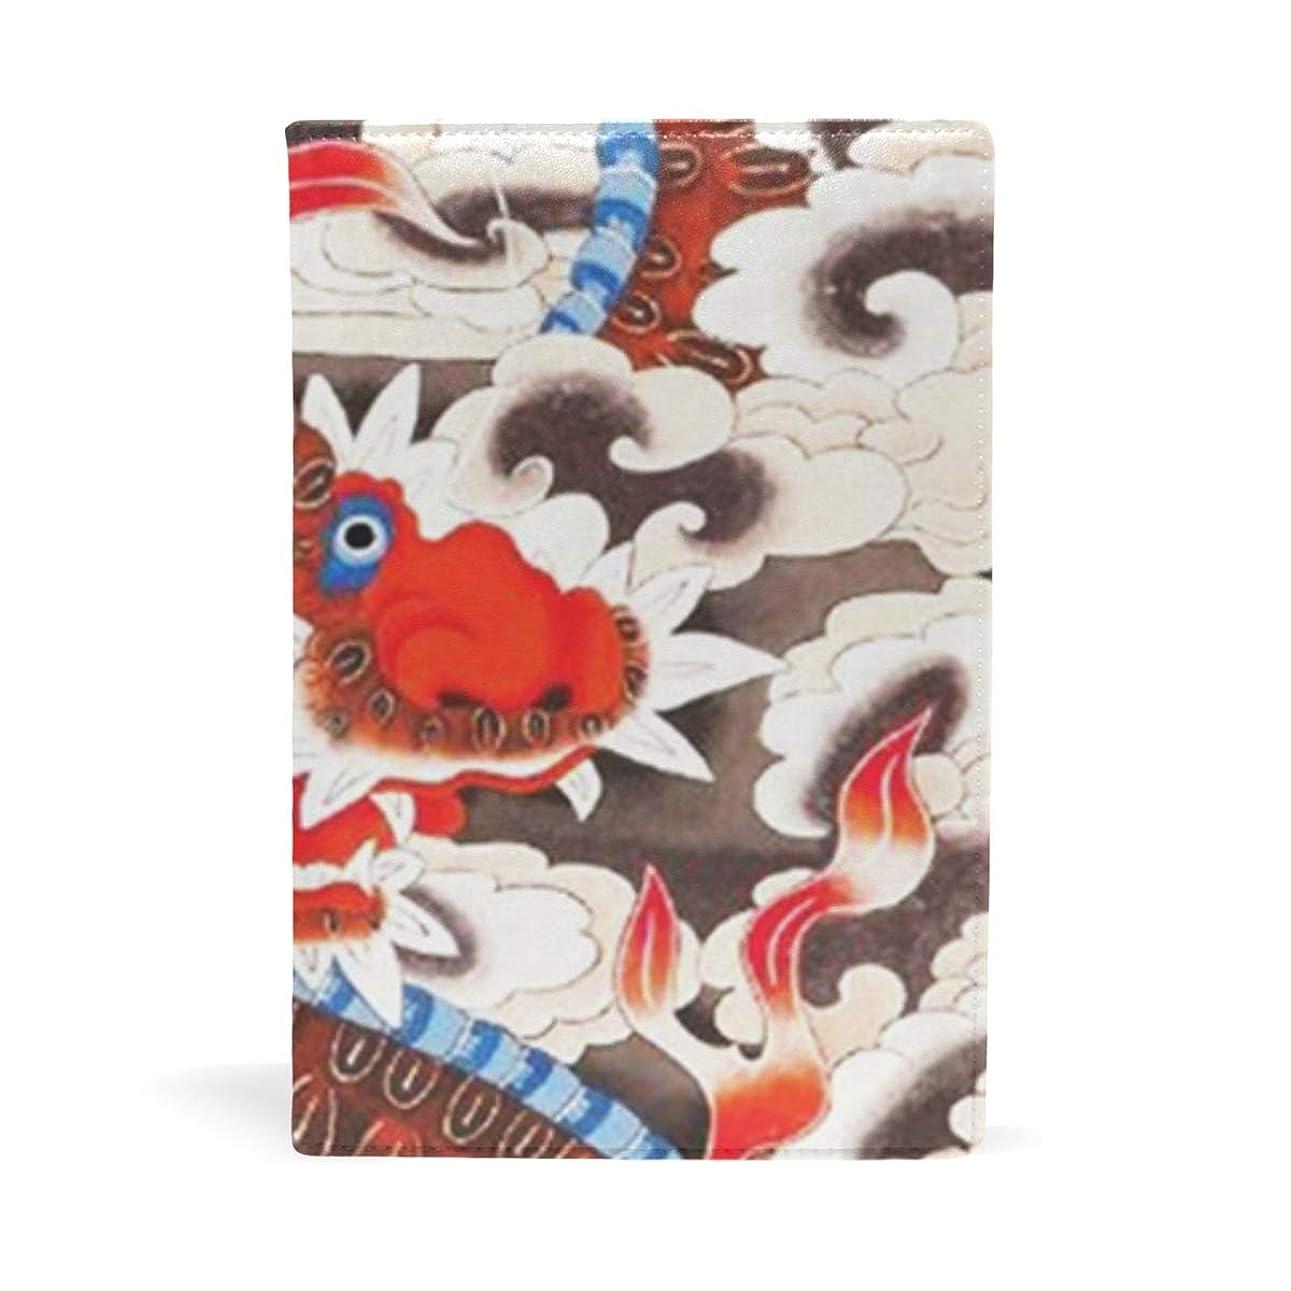 先例喪ブックカバー 文庫 a5 皮革 レザー 中国の竜 文庫本カバー ファイル 資料 収納入れ オフィス用品 読書 雑貨 プレゼント